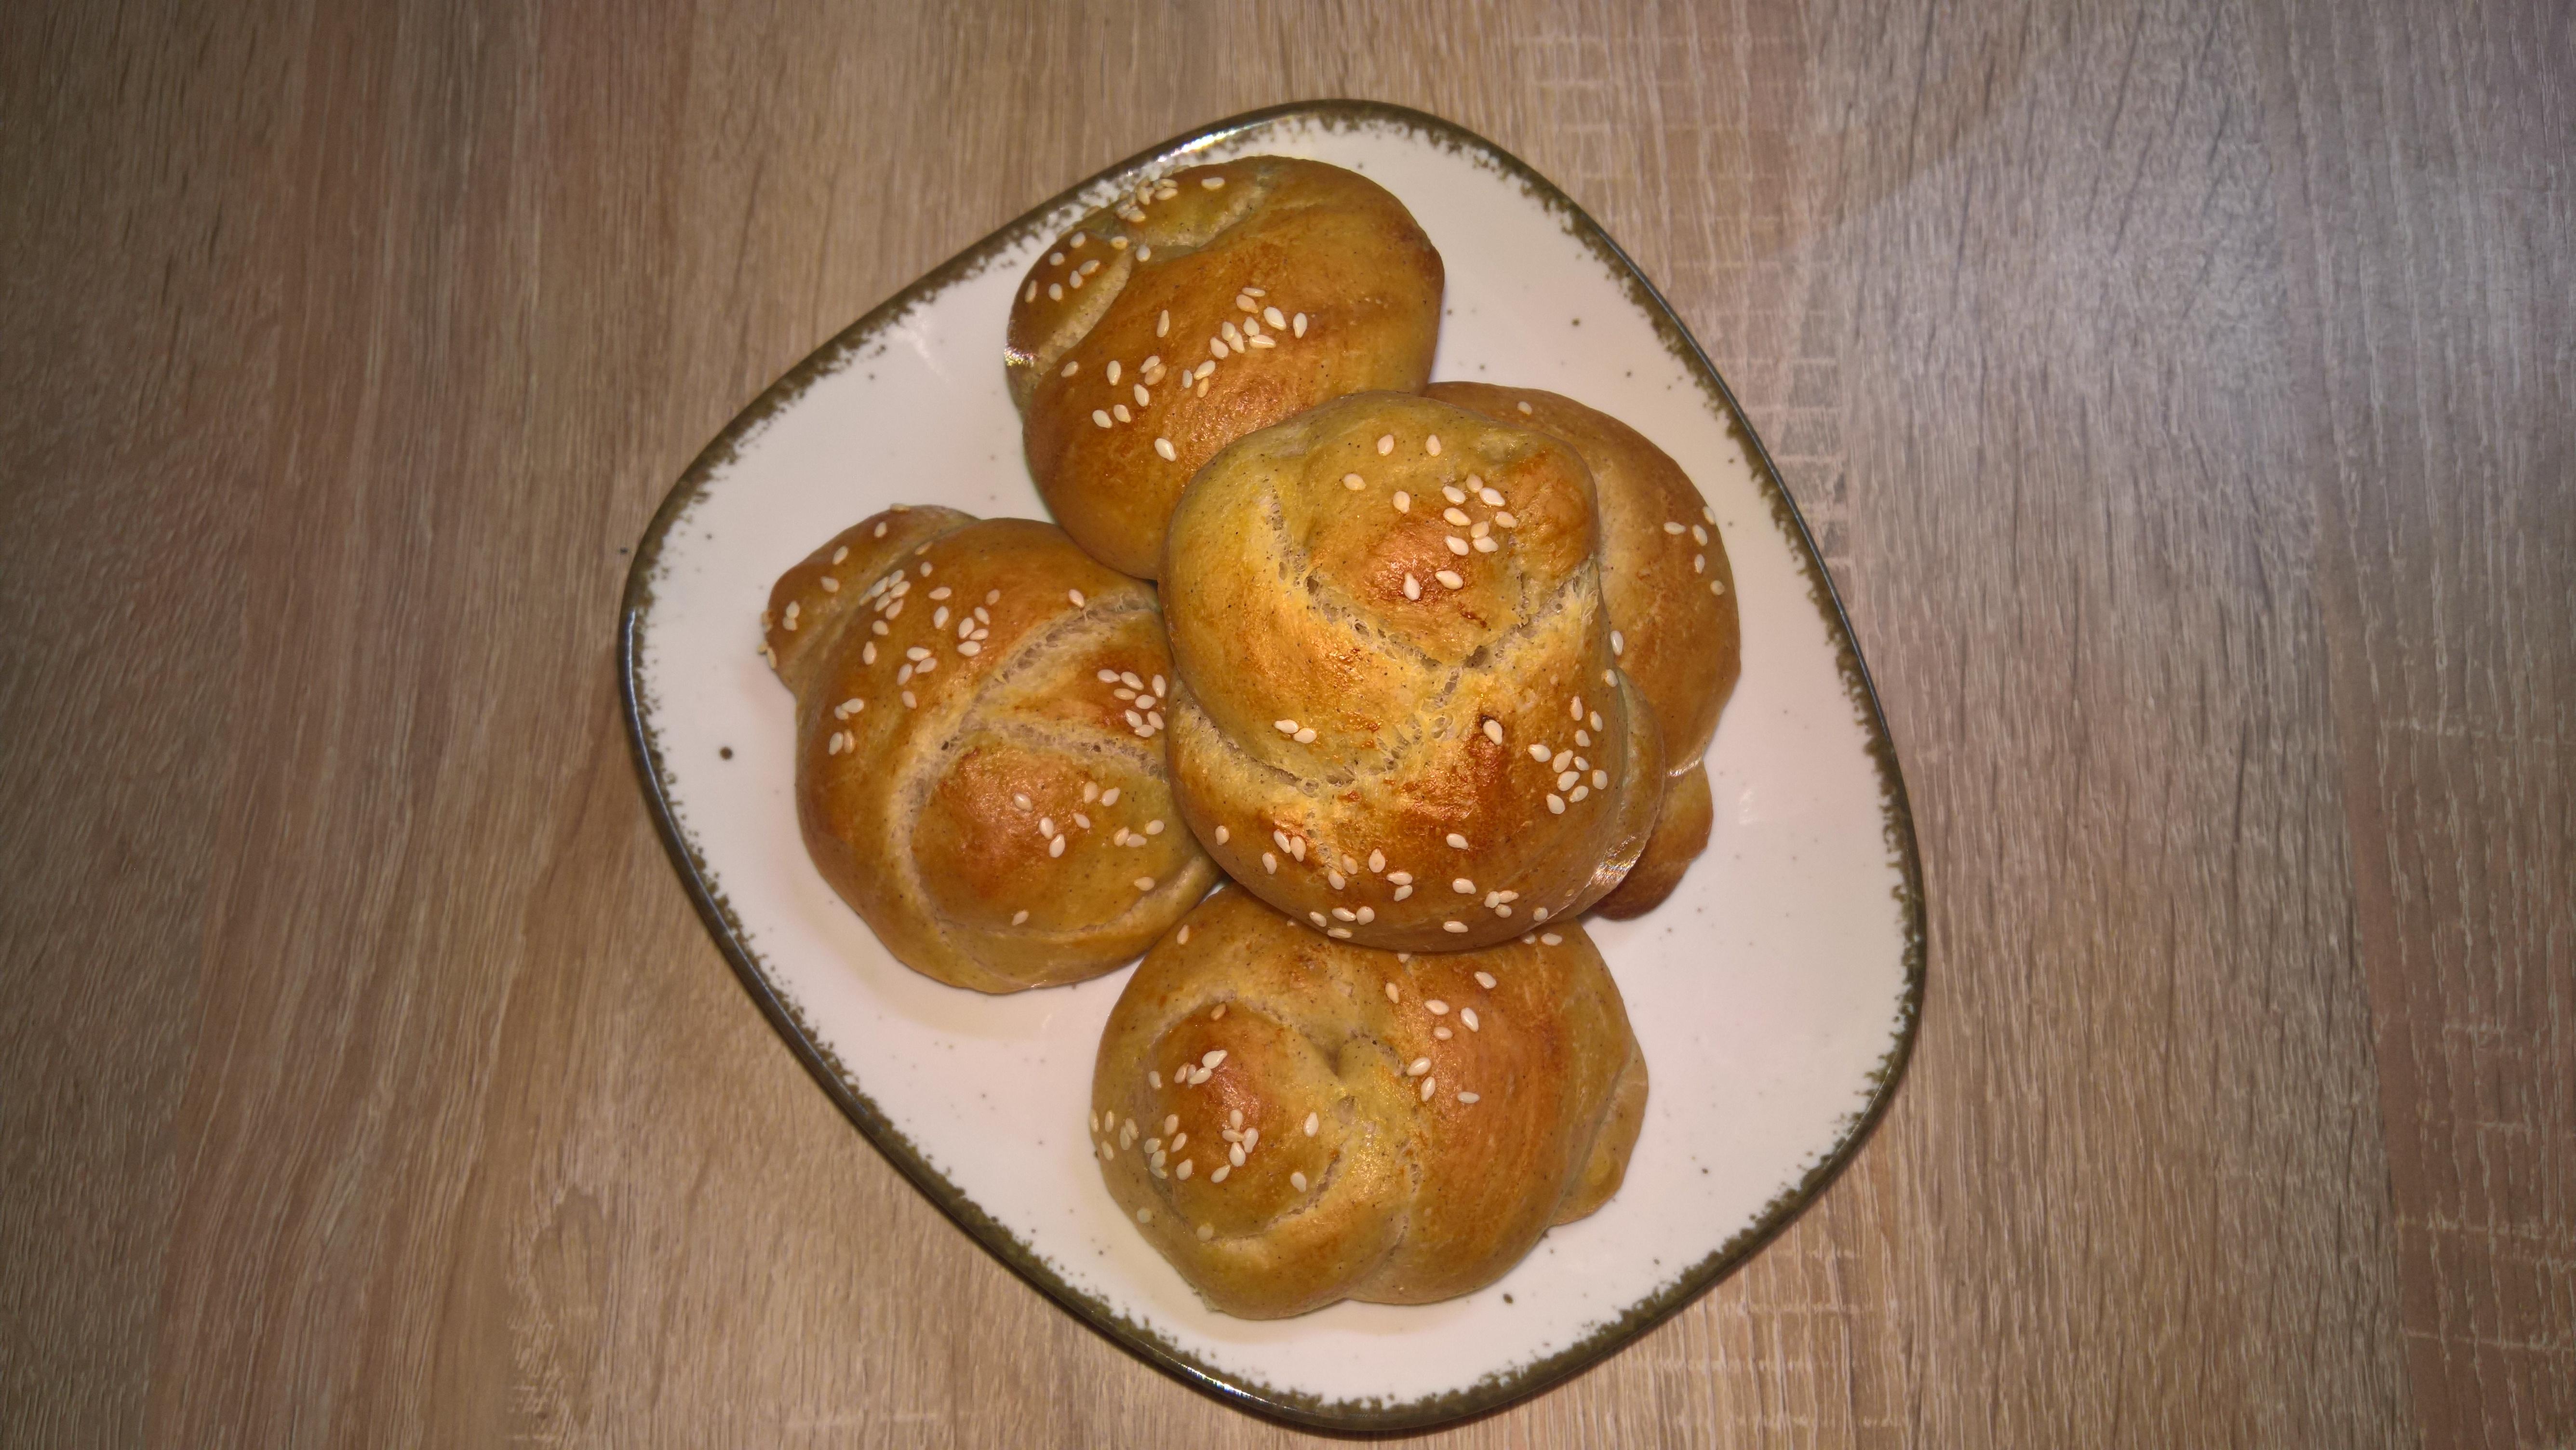 Süßes Hefegebäck Aus Dinkel Süße Acma Brötchen Rezept Blog